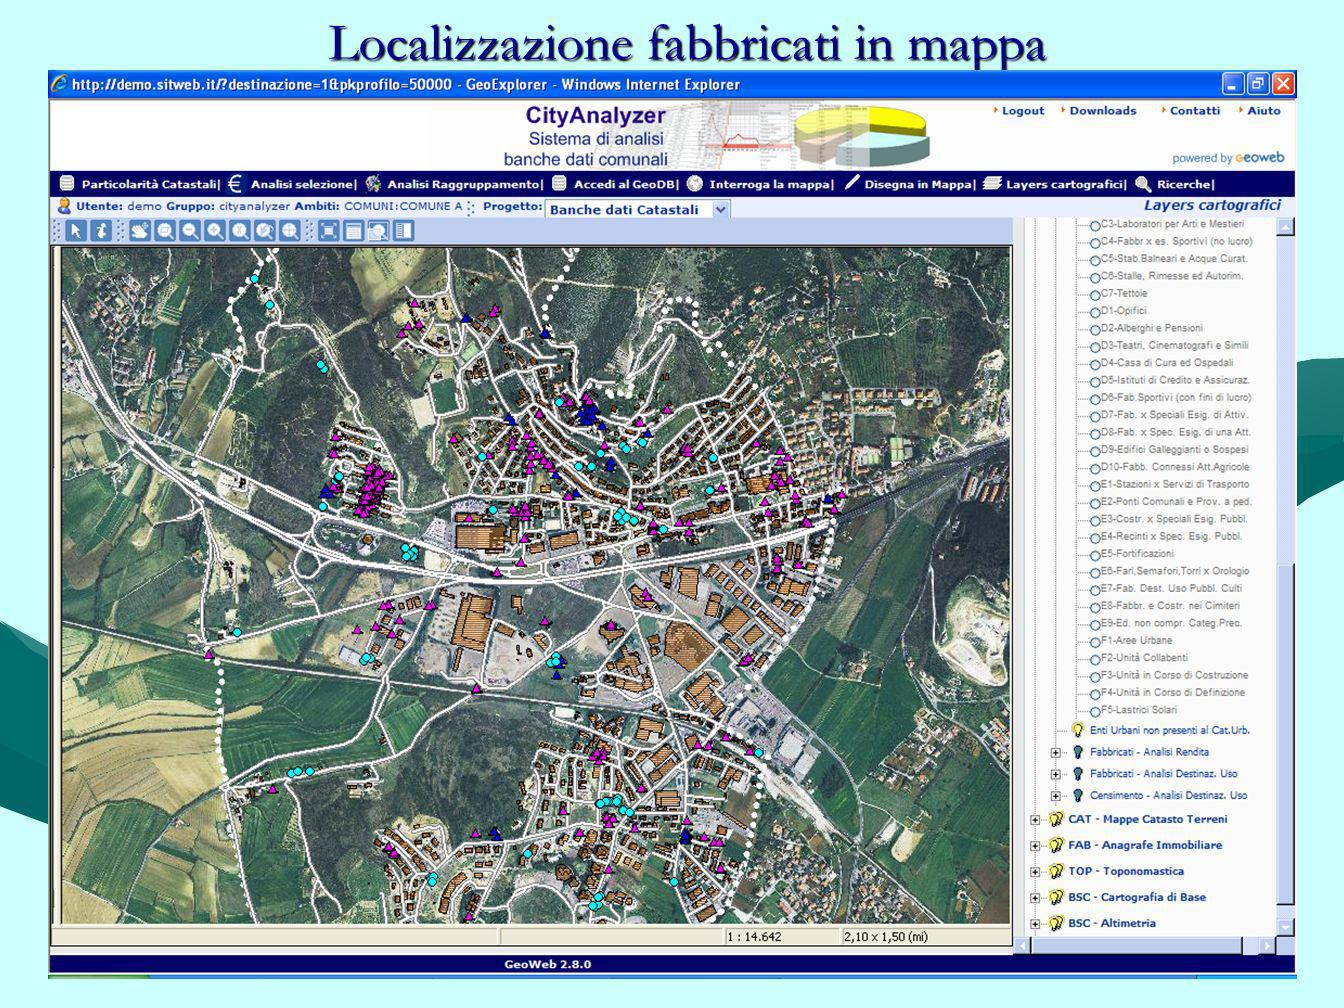 Localizzazione fabbricati in mappa